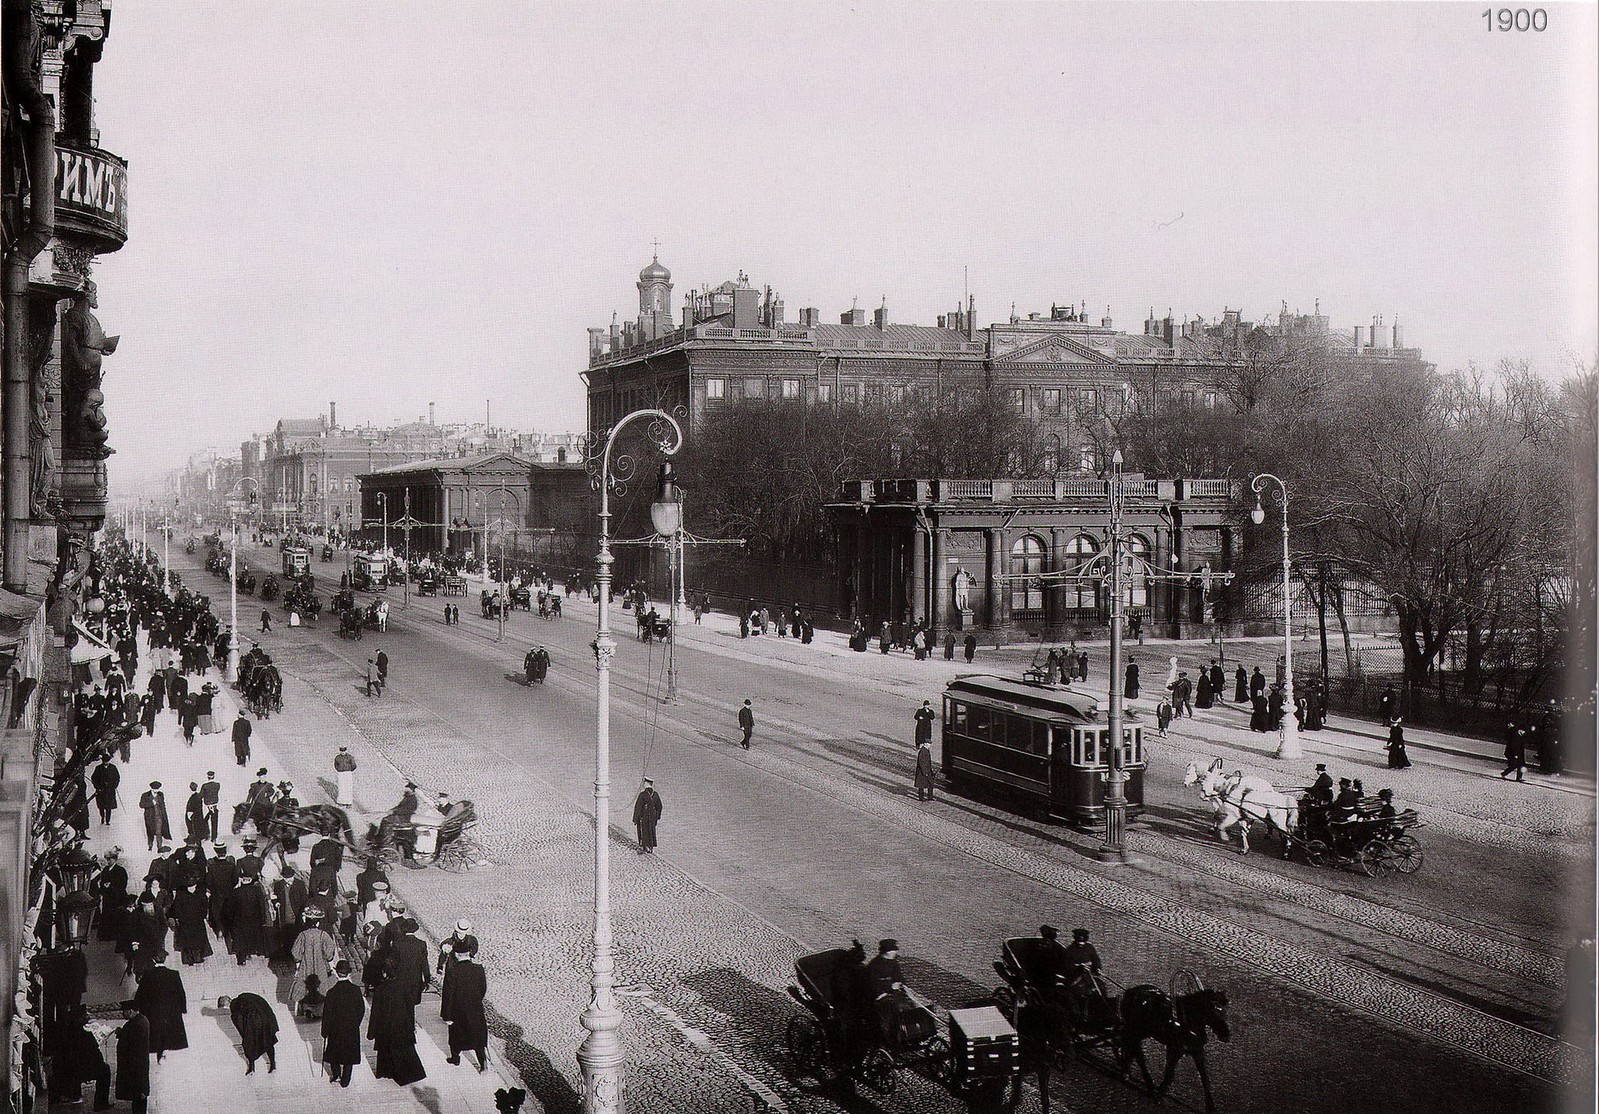 Невский проспект. Вид на Аничков дворец, Екатерининский сад